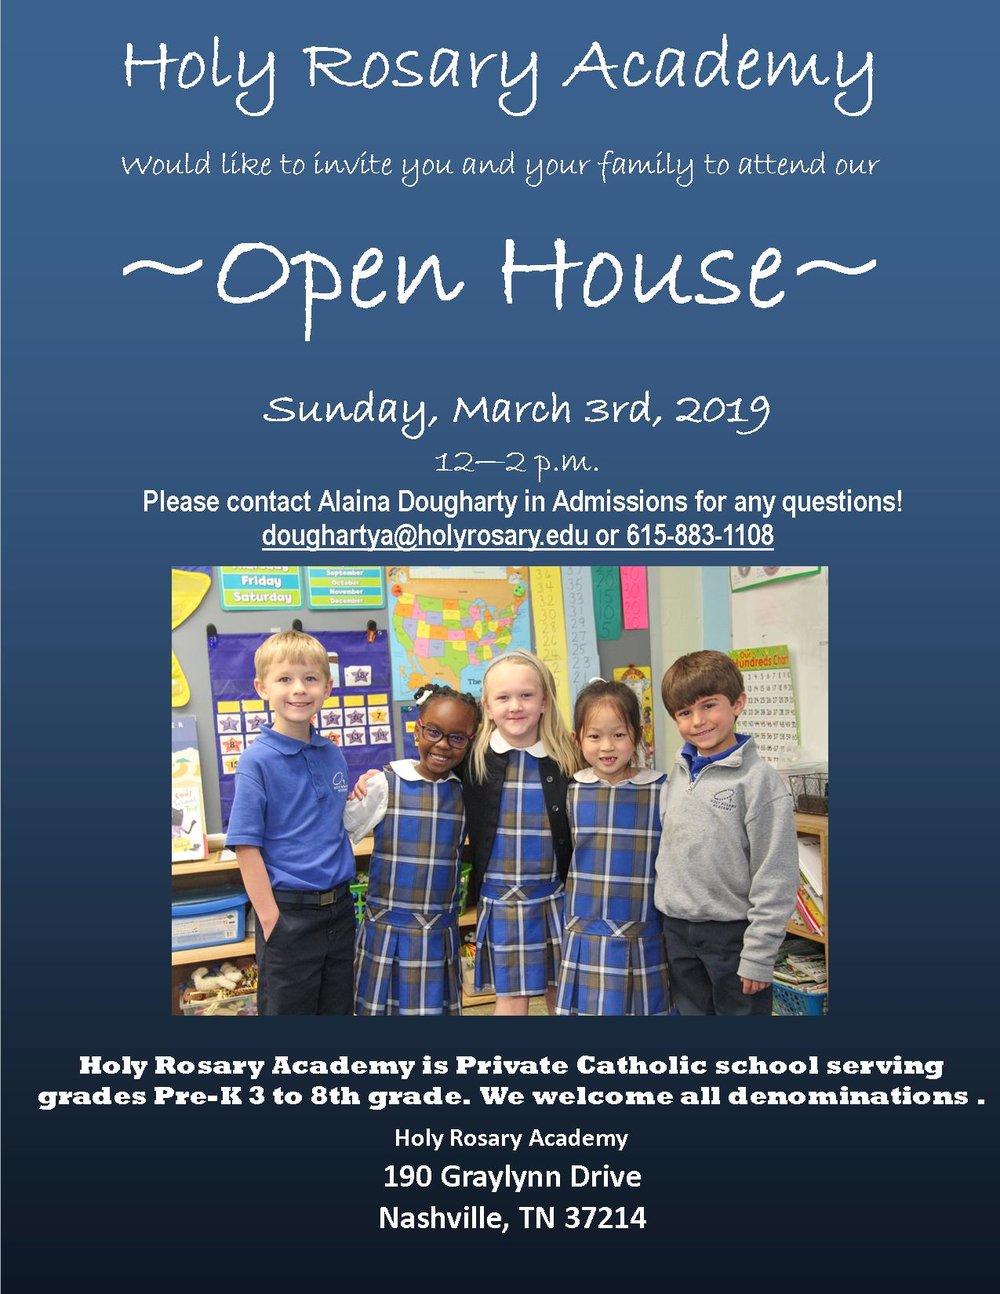 Spring Open House Flyer 19 (2) (1).jpg